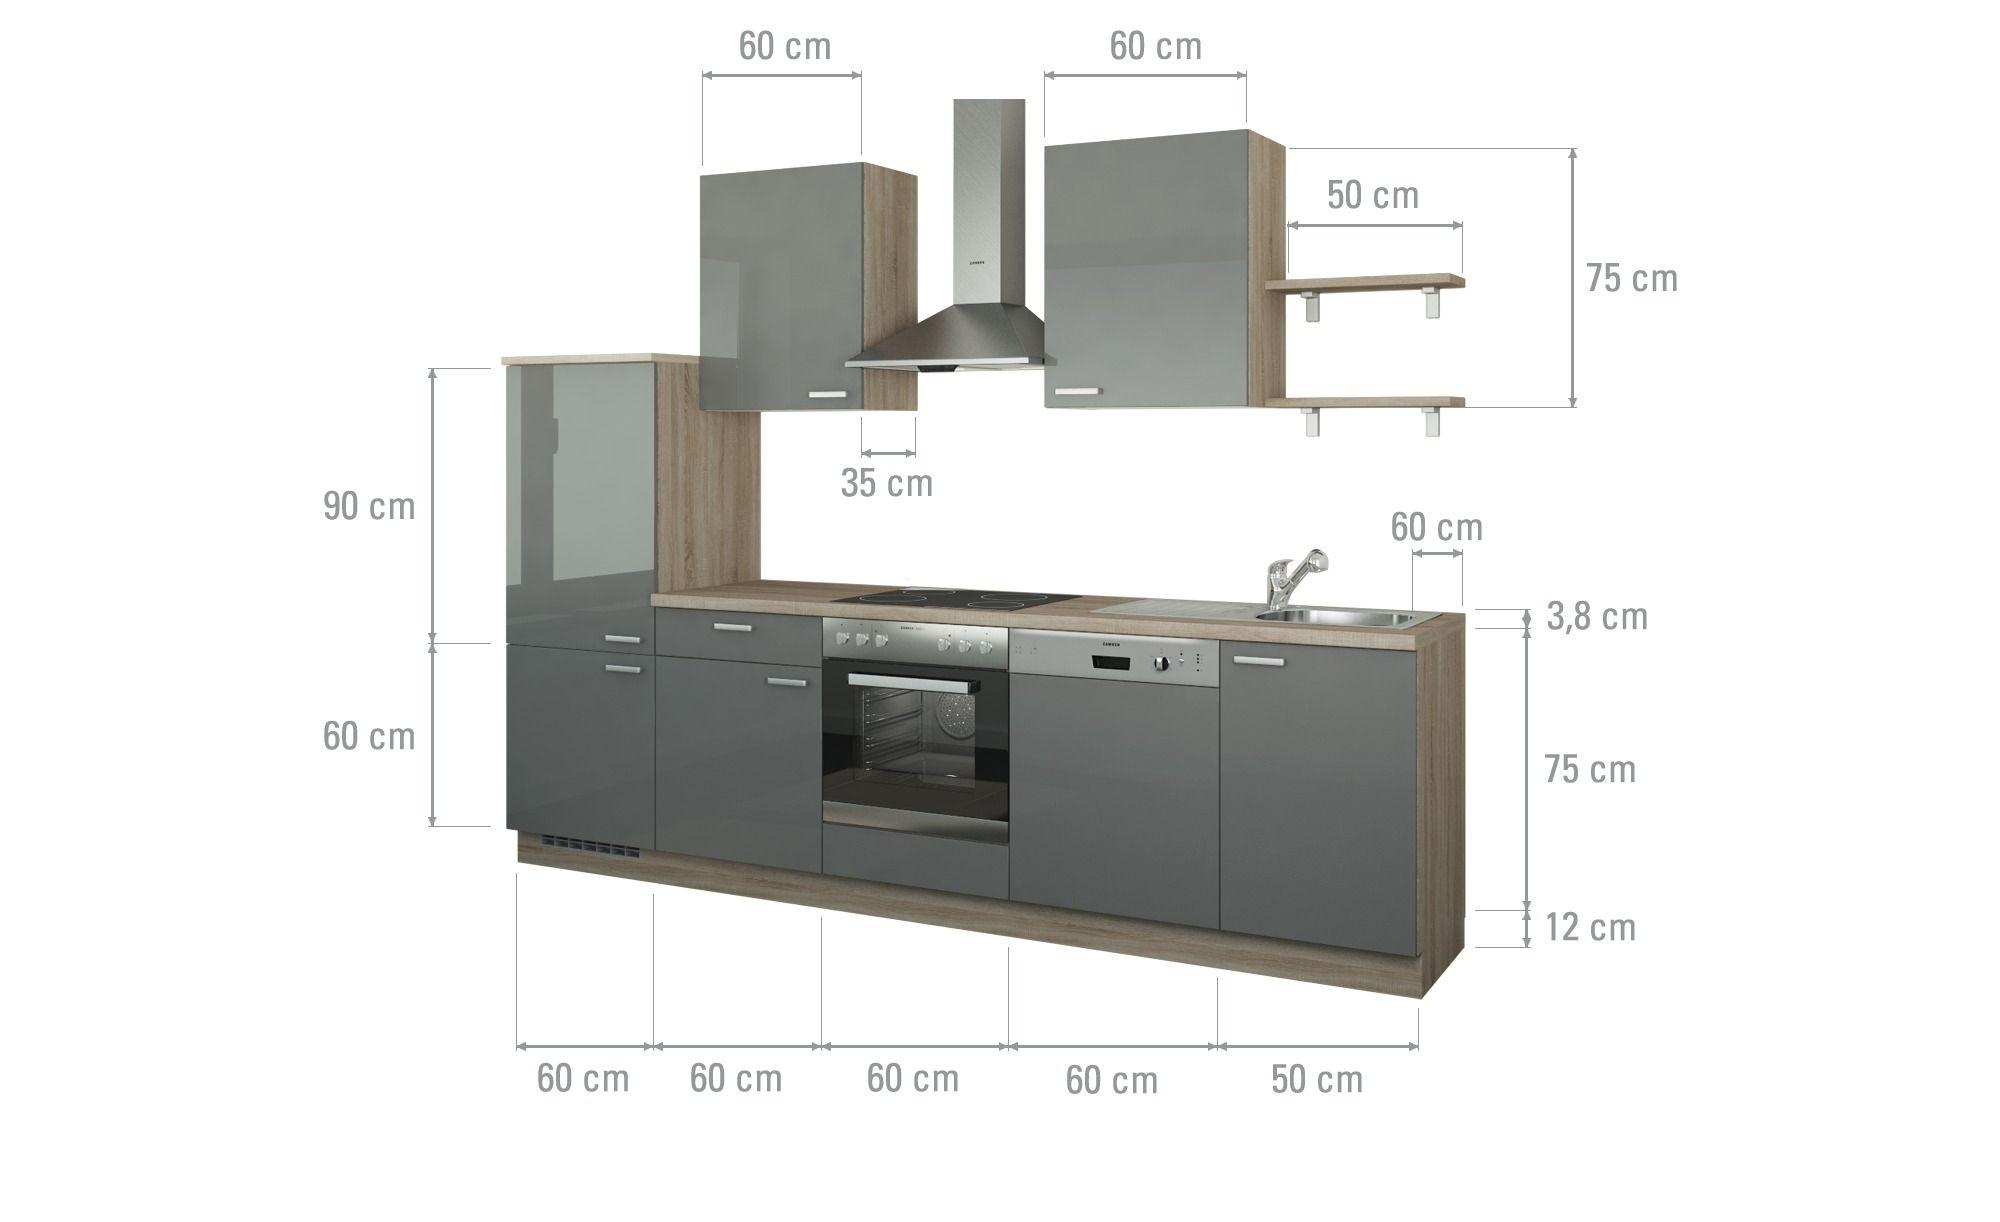 Kuchenzeile Ohne Elektrogerate Koln Gefunden Bei Mobel Hoffner Schliessfacher Kuchenzeilen Und Kuhlschrankumbau